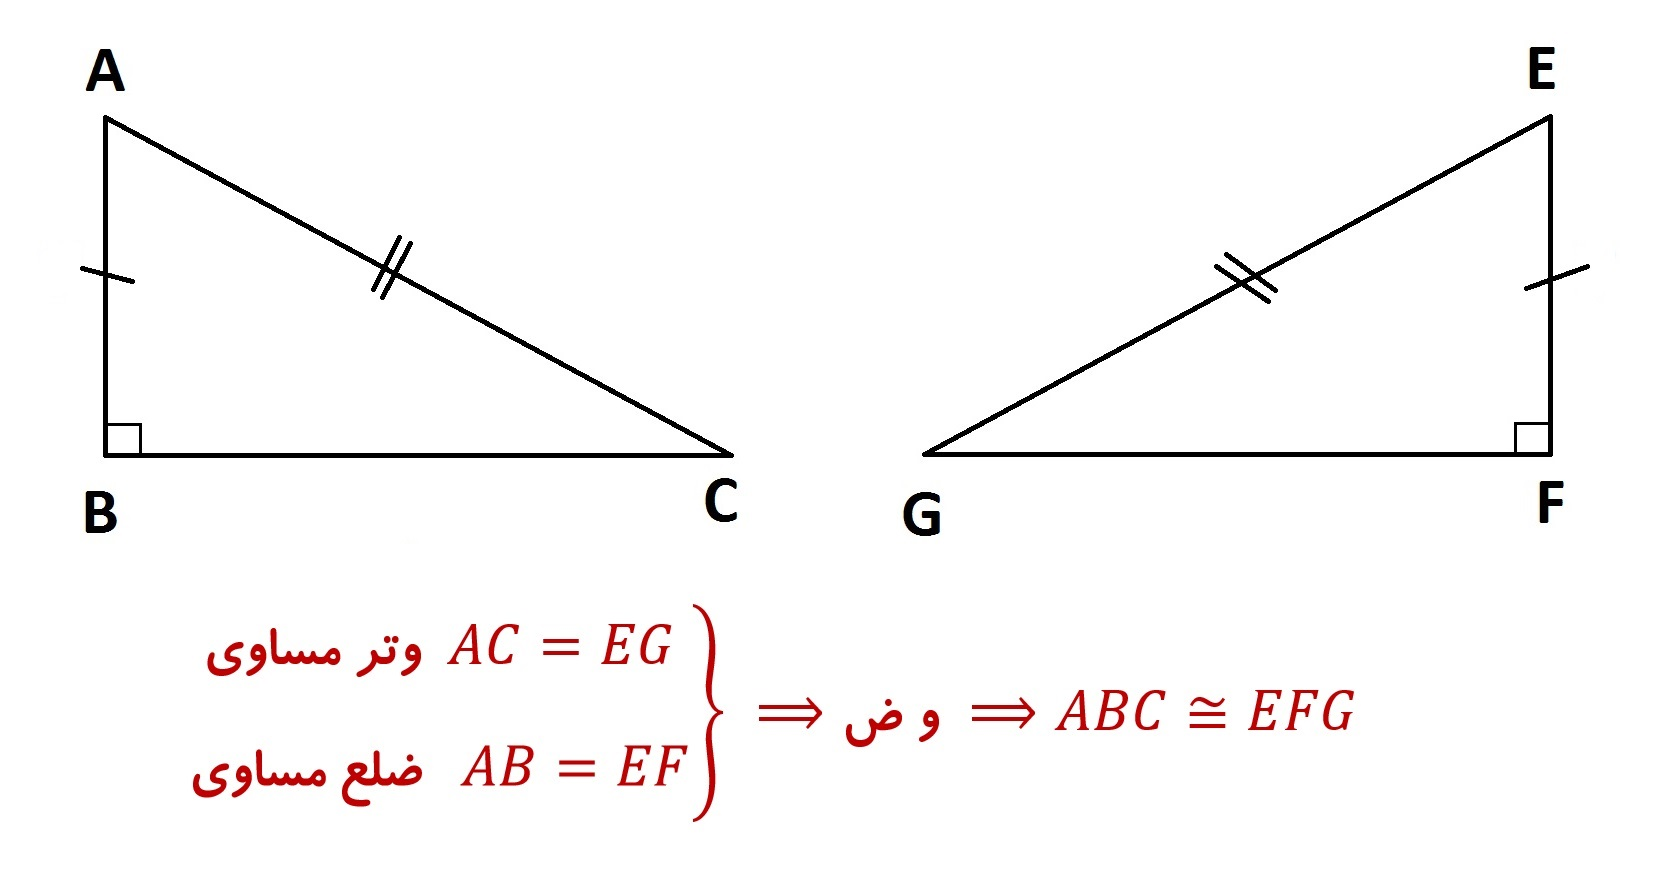 هم نهشتی مثلث های قائم الزاویه حالت وتر و یک ضلع - درس در خانه